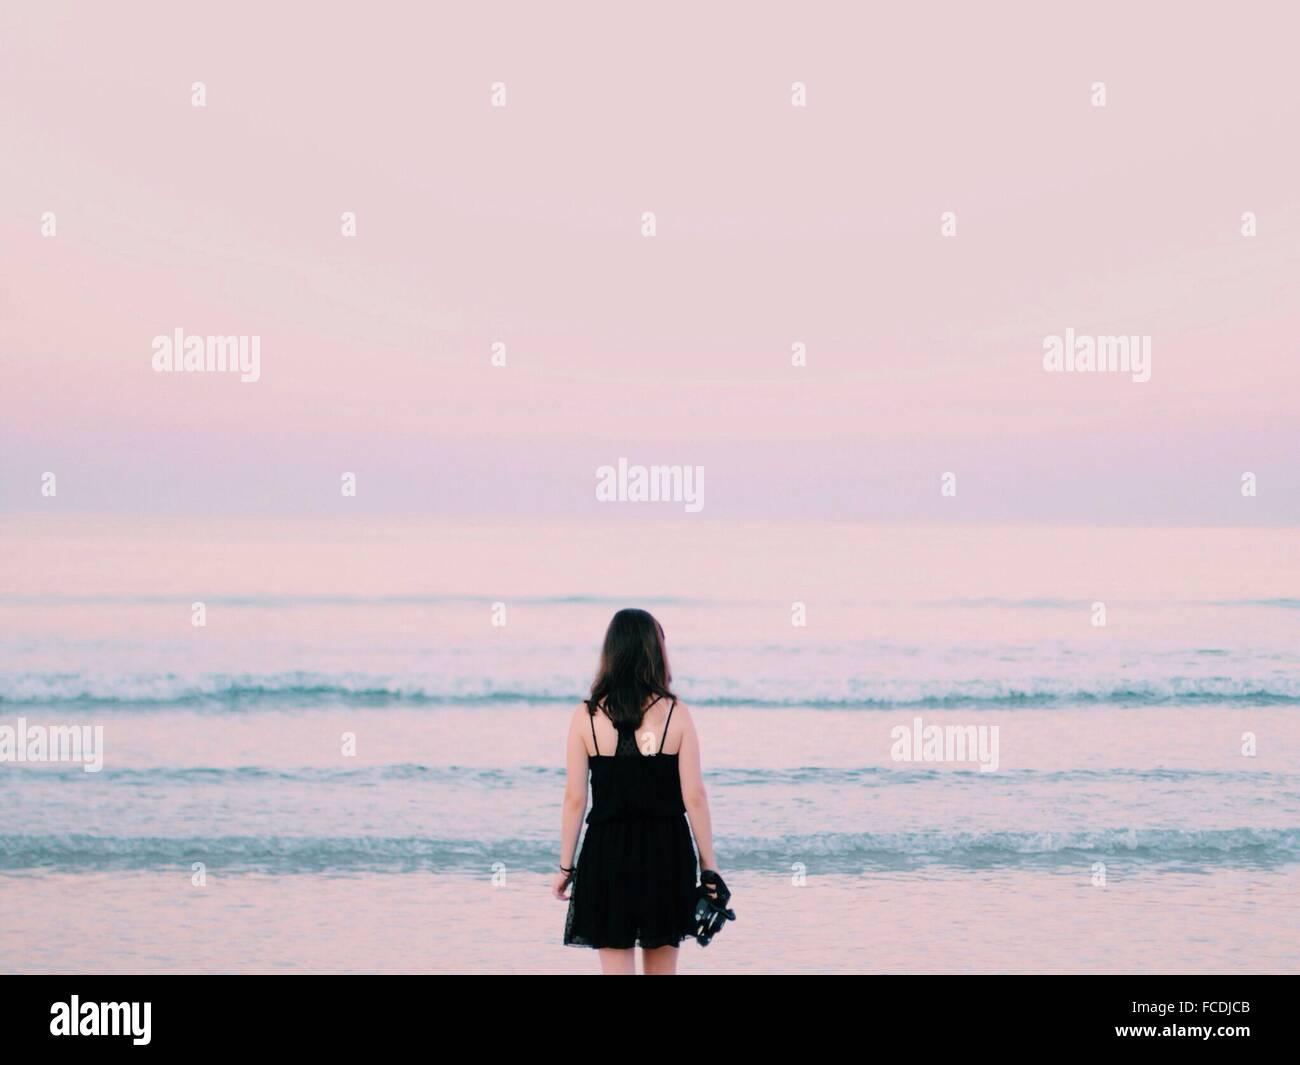 Vista trasera de la mujer con vistas mar en calma Imagen De Stock